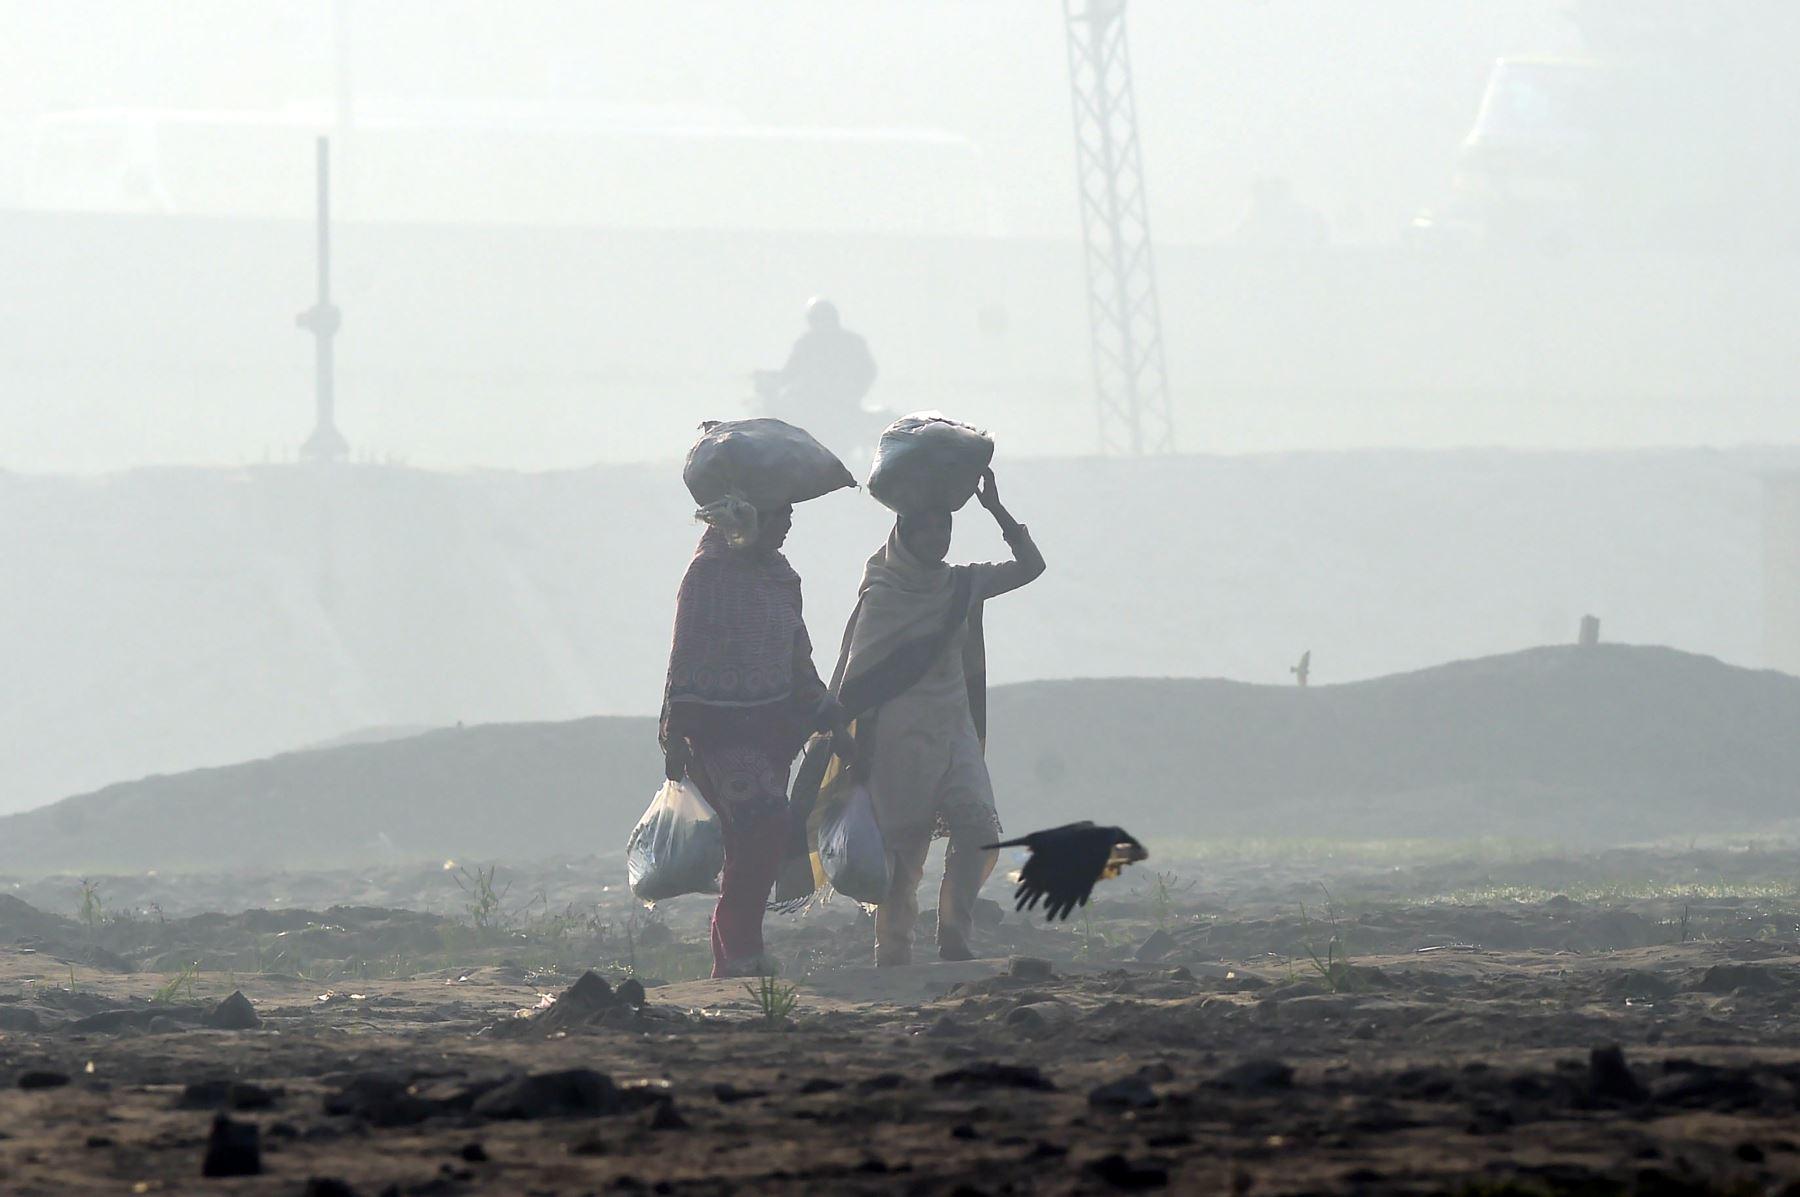 Pakistaní lleva sus pertenencias en medio de la niebla en Lahore.AFP